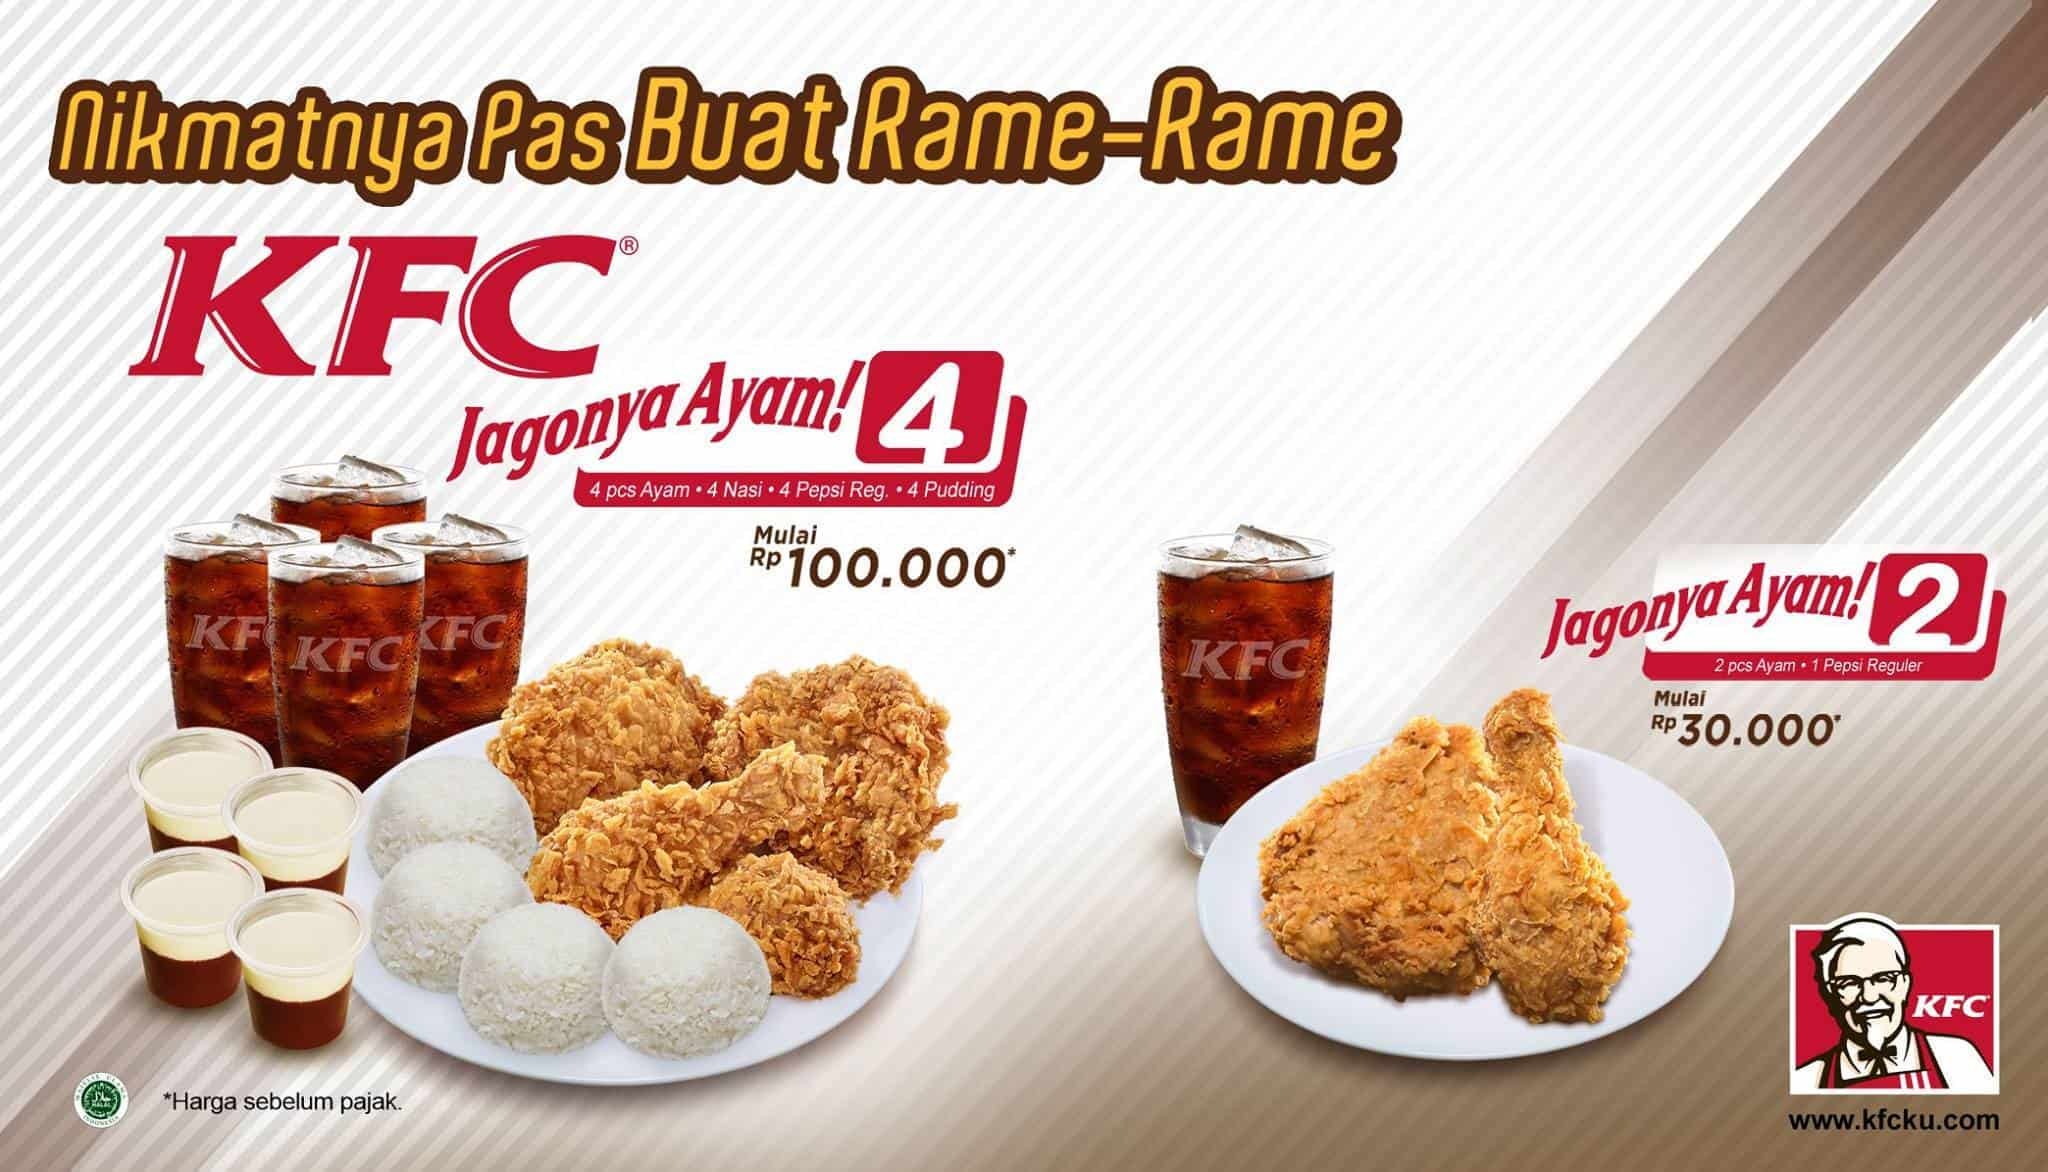 KFC Promo Paket Jagonya Ayam Mulai Dari Rp. 30.000,-